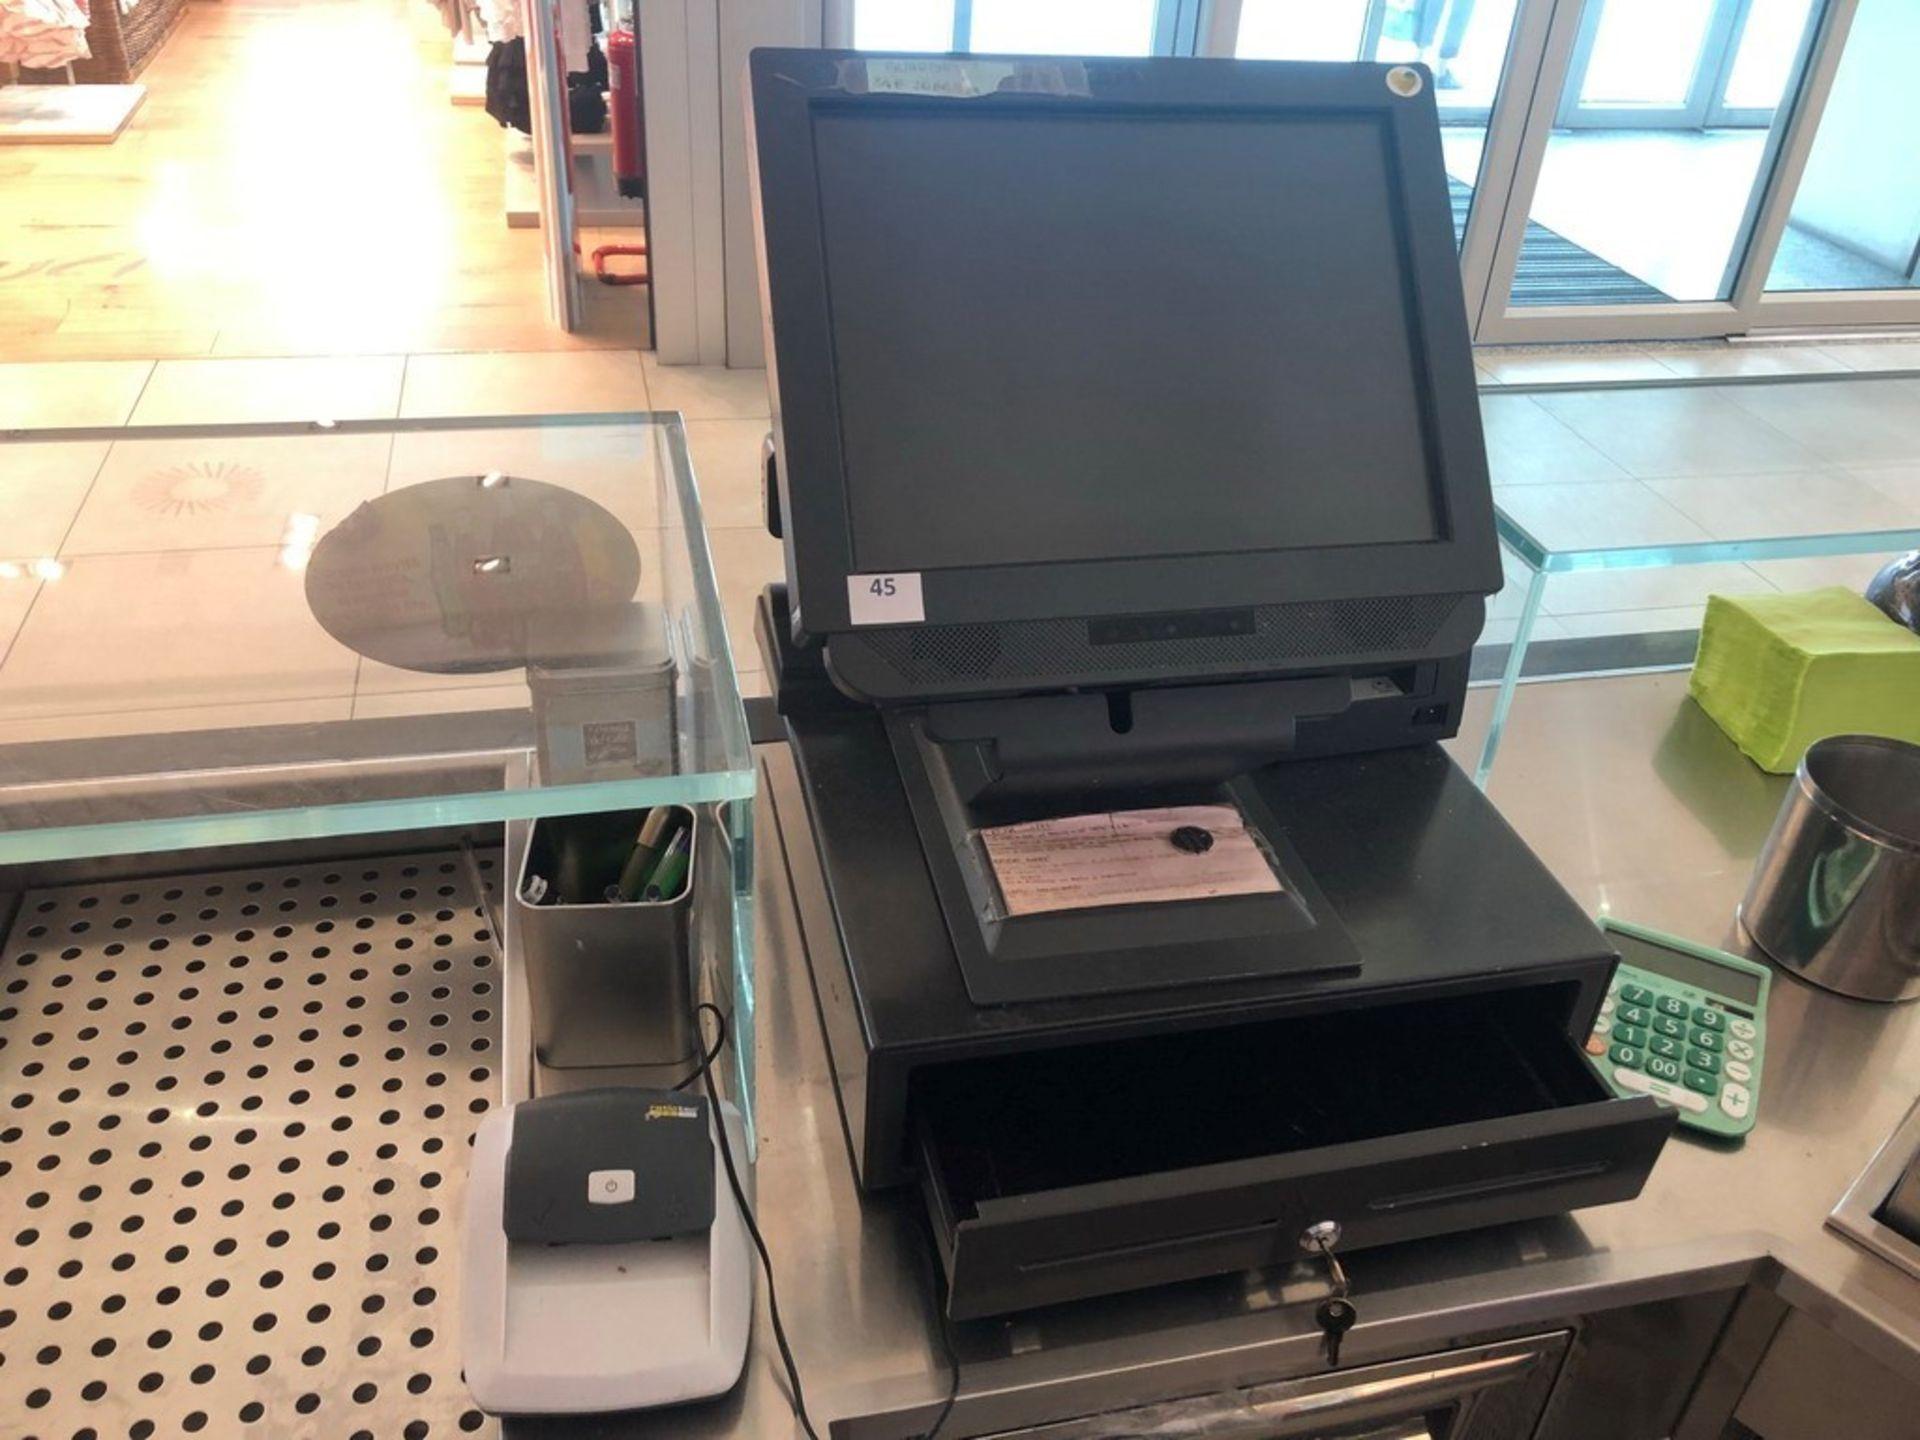 Lotto 47 - N. 45 (FALL. N. 102/19 VR) REGISTRATORE FISCALE IBM 4838-330 CON MONITOR LCD STAMPANTE EPSON E